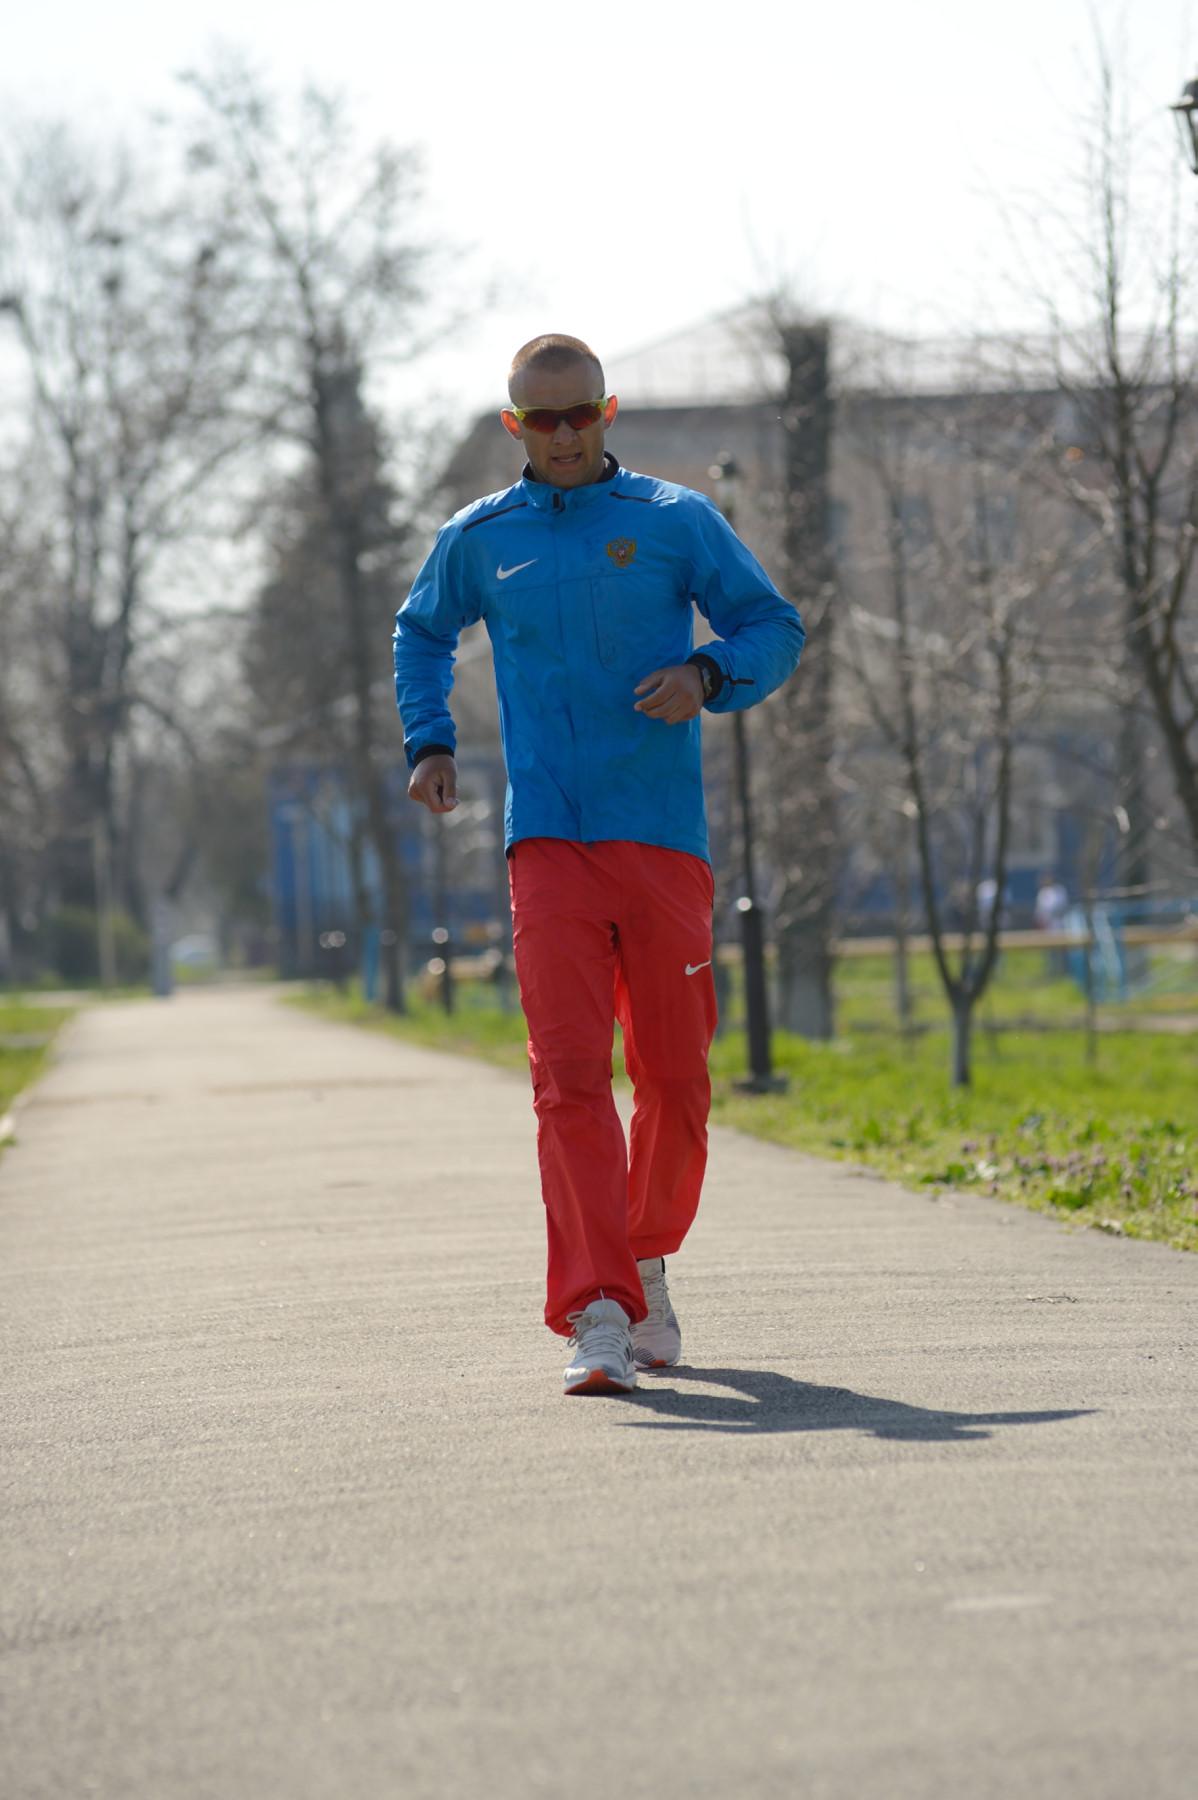 Легкоатлет из Адыгеи начал 96-часовой забег на мировой рекорд